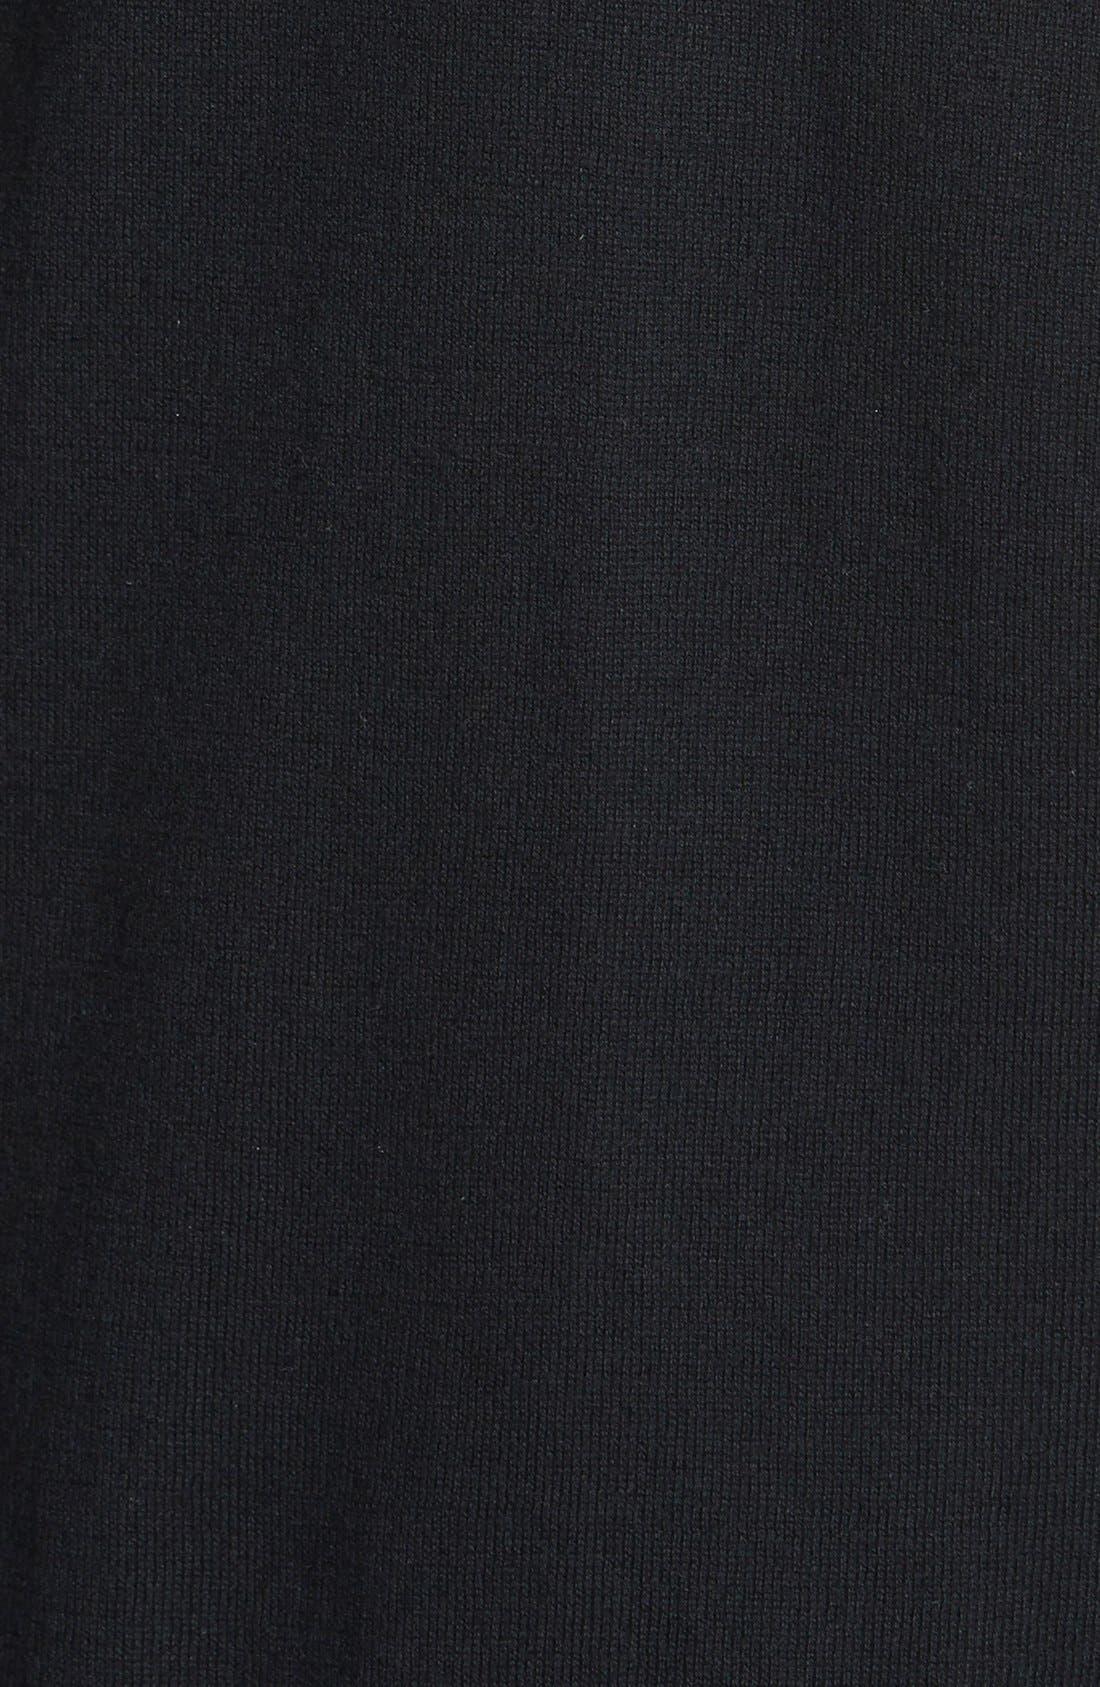 Faux Leather Trim Cardigan,                             Alternate thumbnail 2, color,                             001